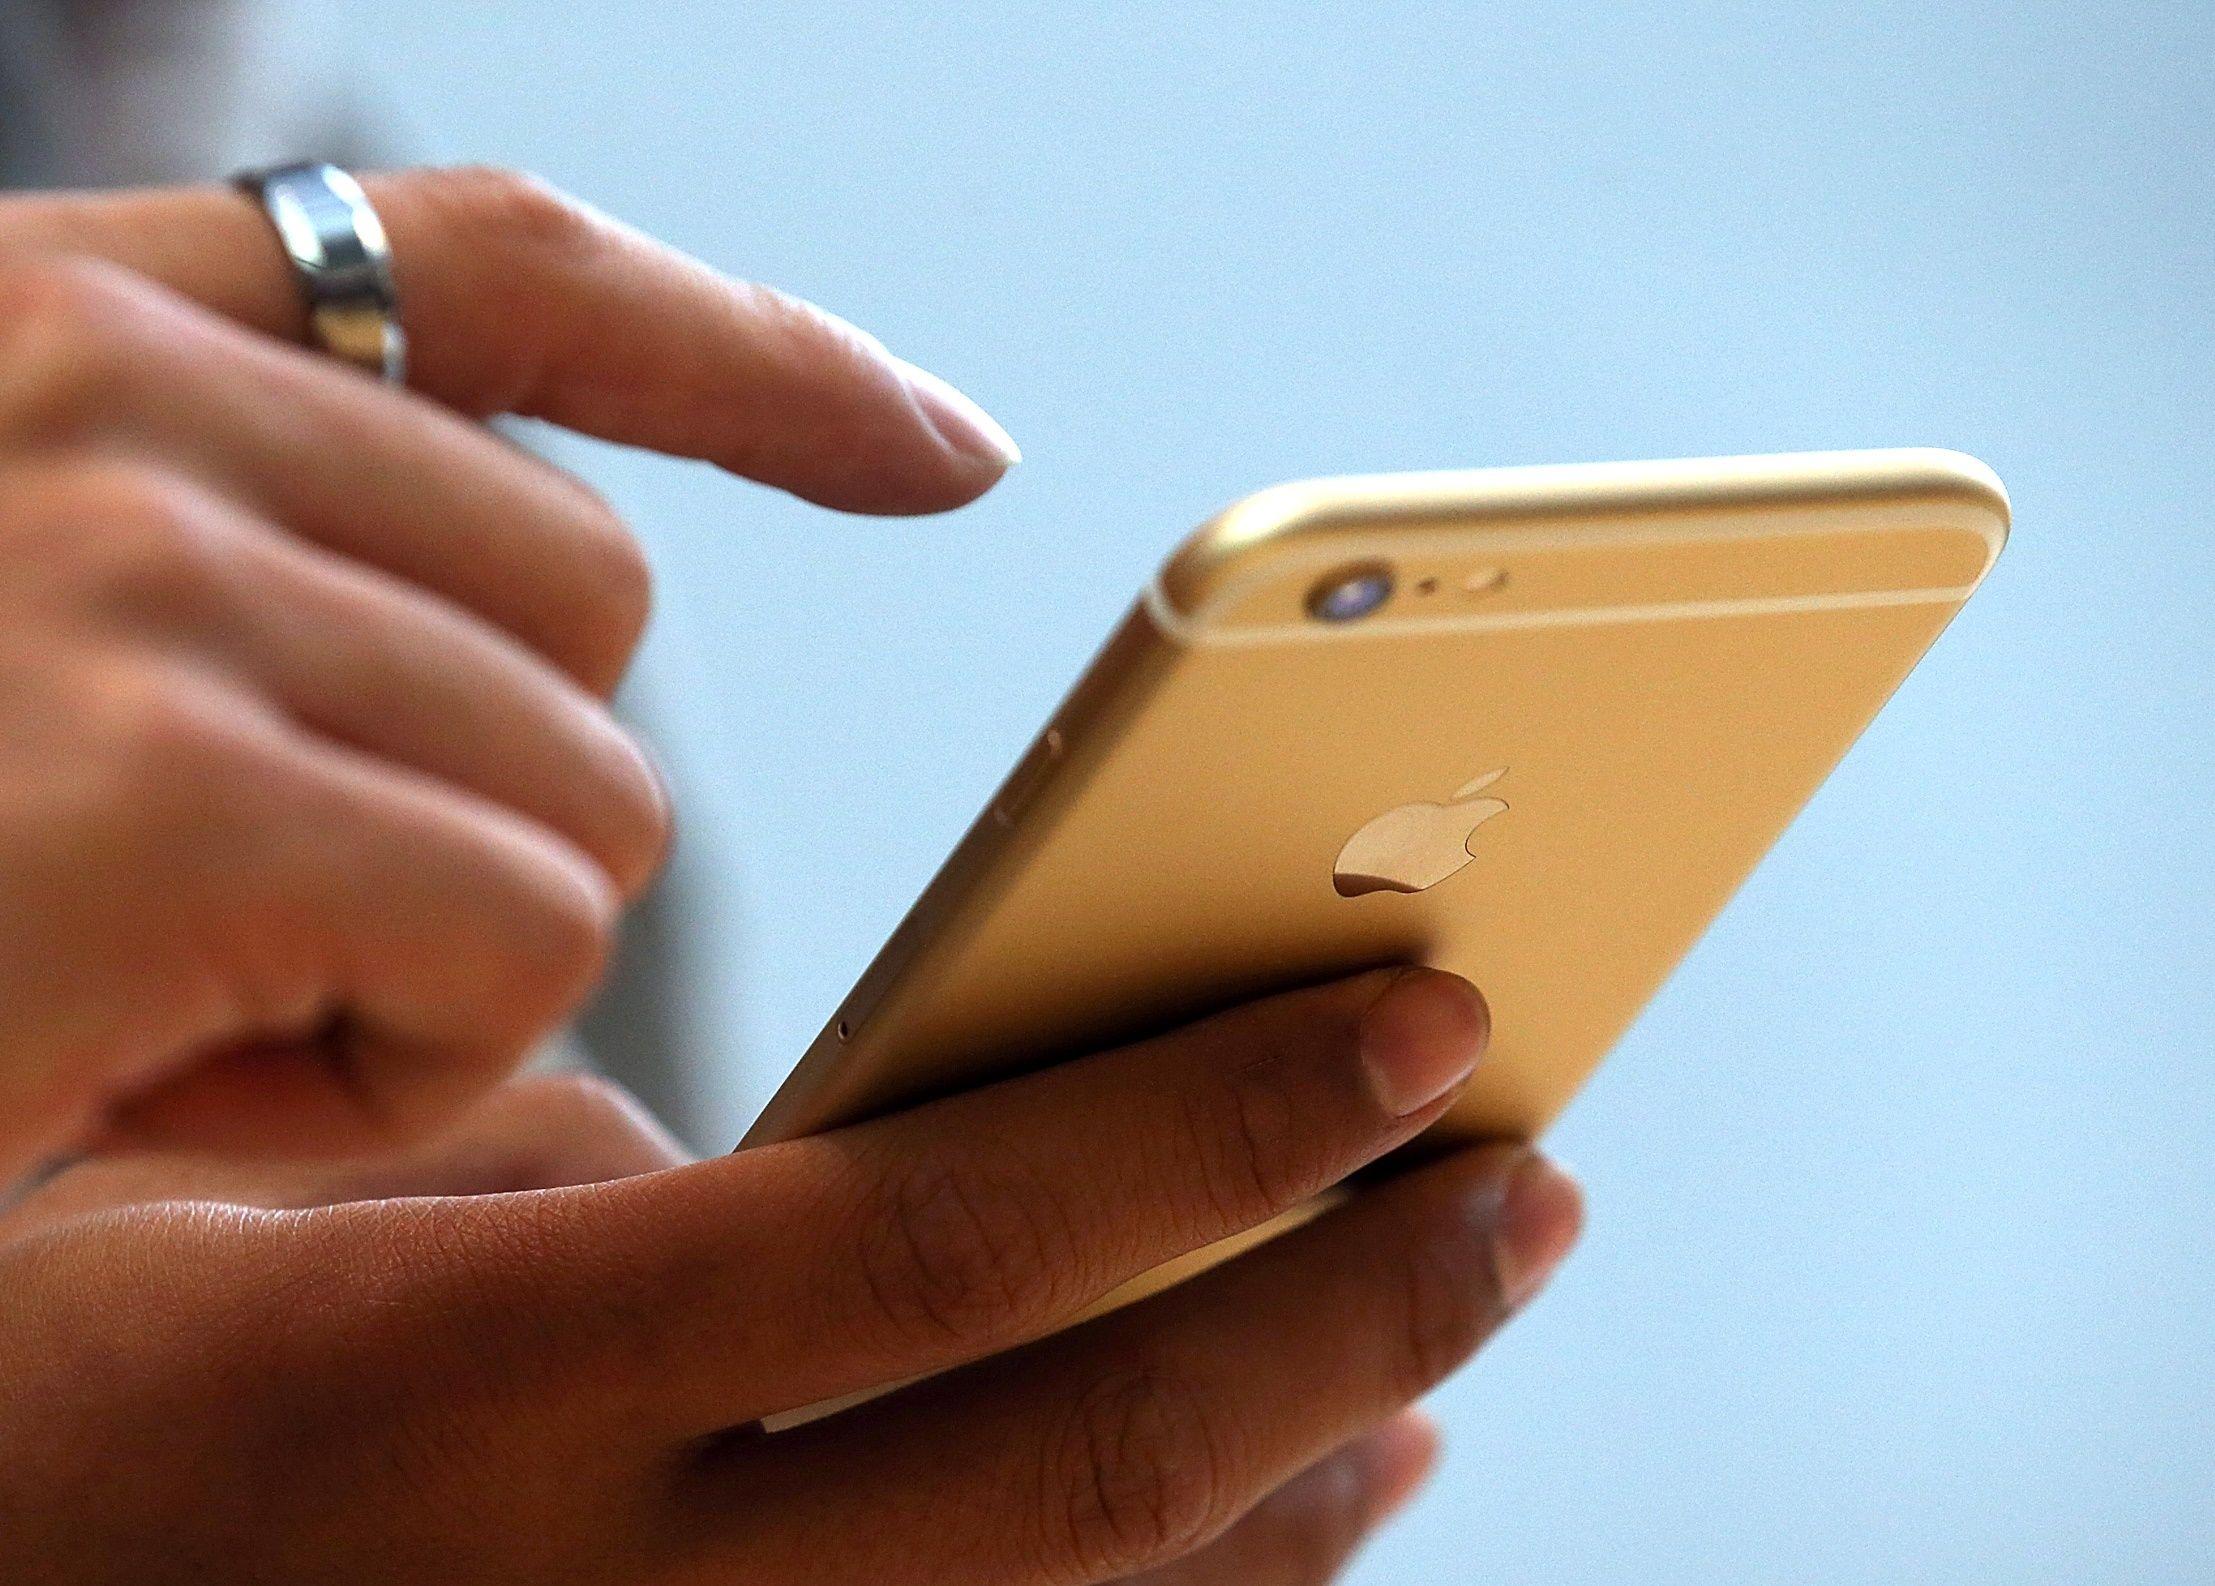 iphone update apple spyware hackers